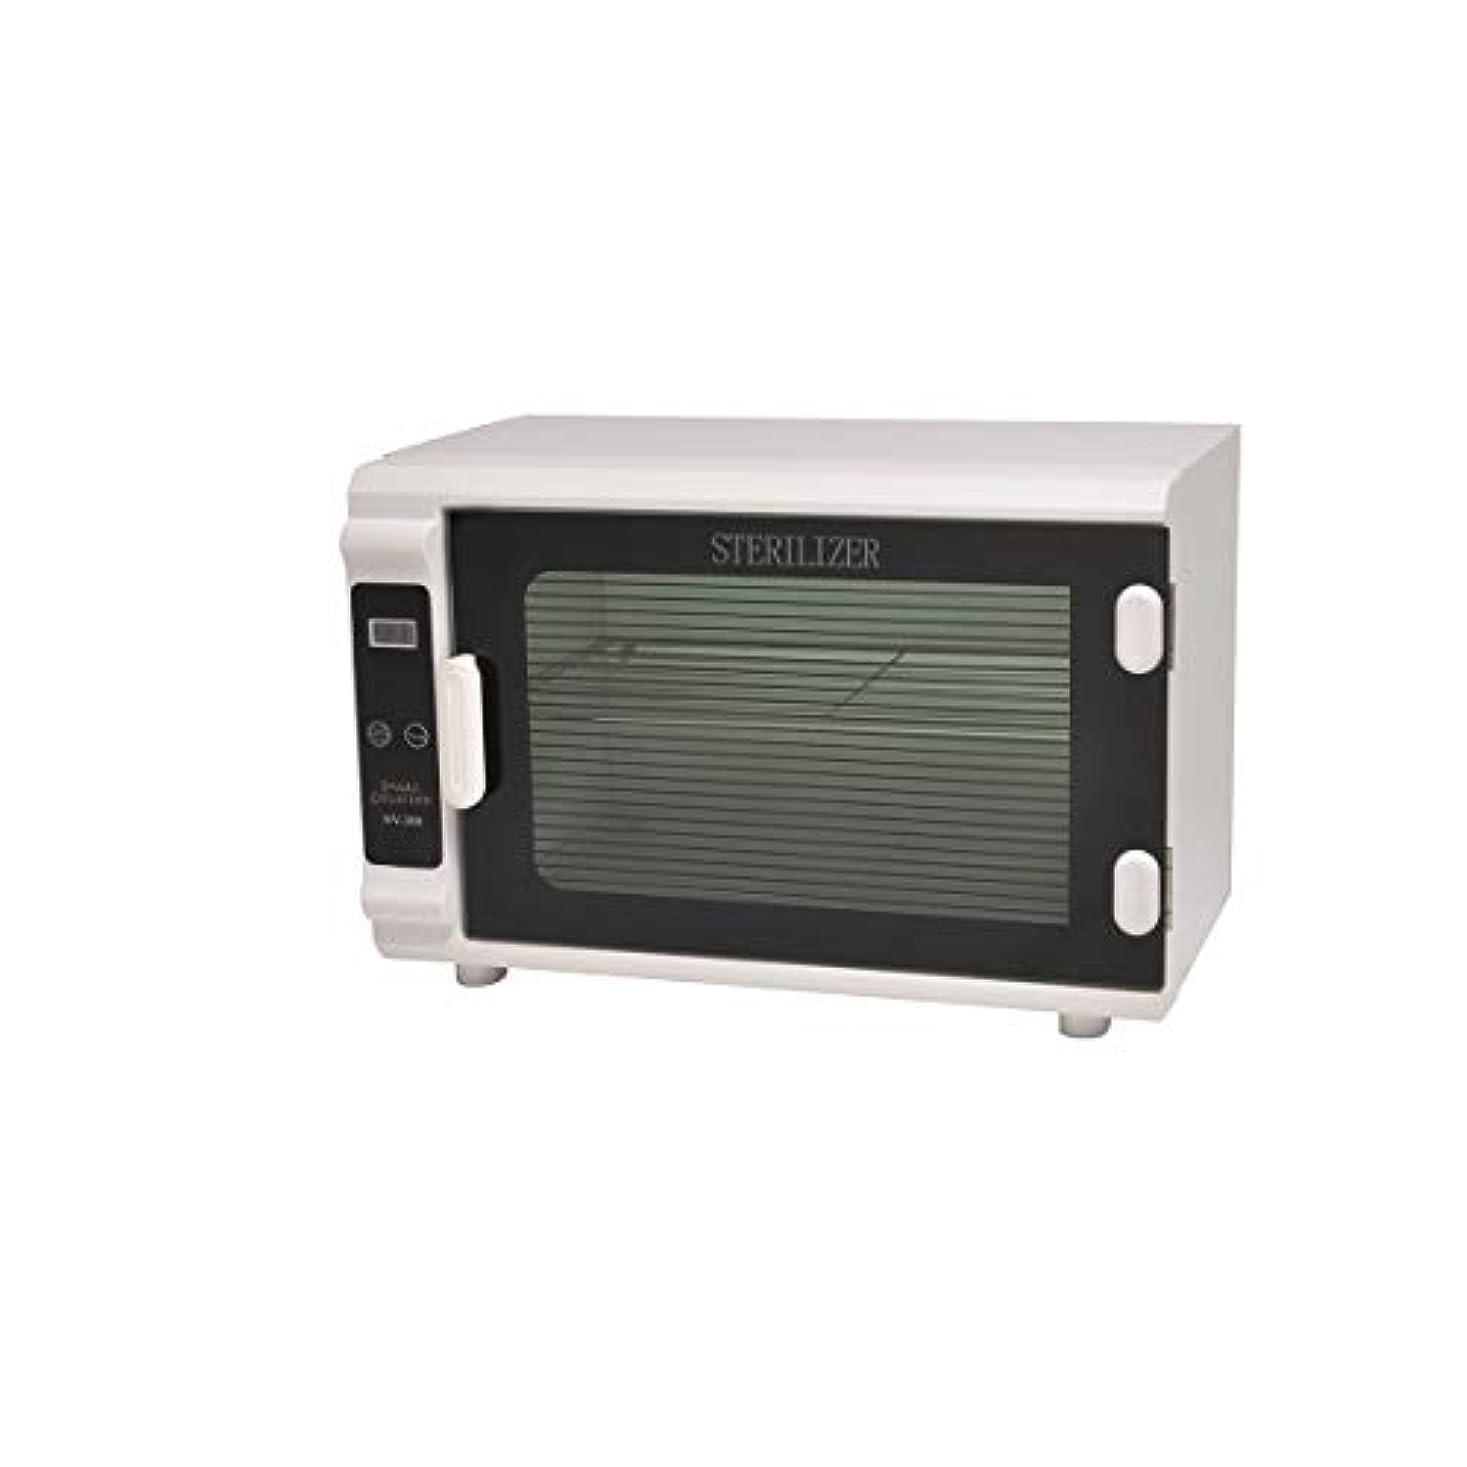 そうでなければアミューズ奪うタイマー付紫外線消毒器NV-308EX(PHILIPS社製ライト採用)